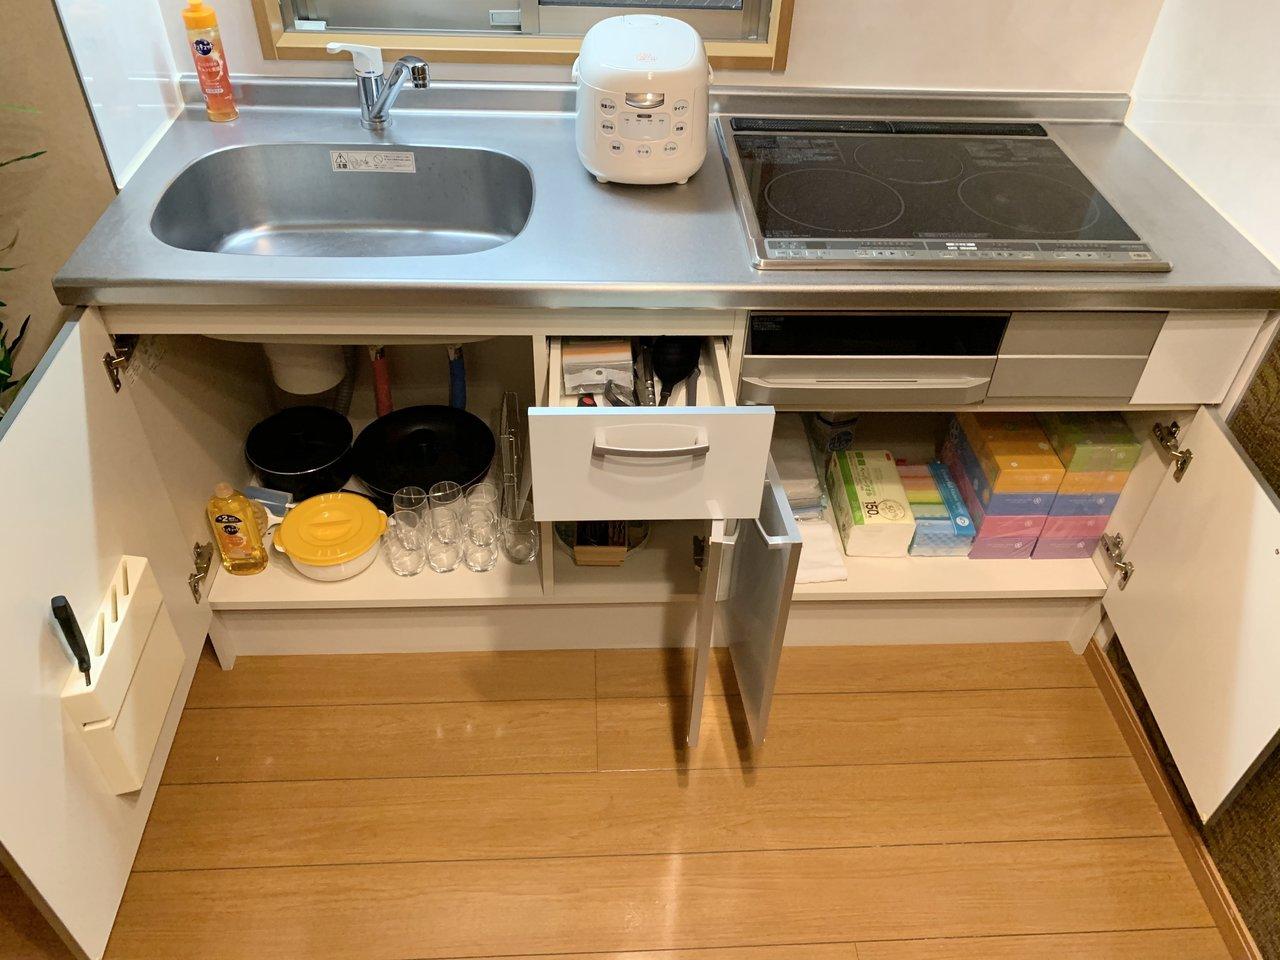 キッチン下の収納スペースには、消耗品やキッチン雑貨が一通り入っていました。